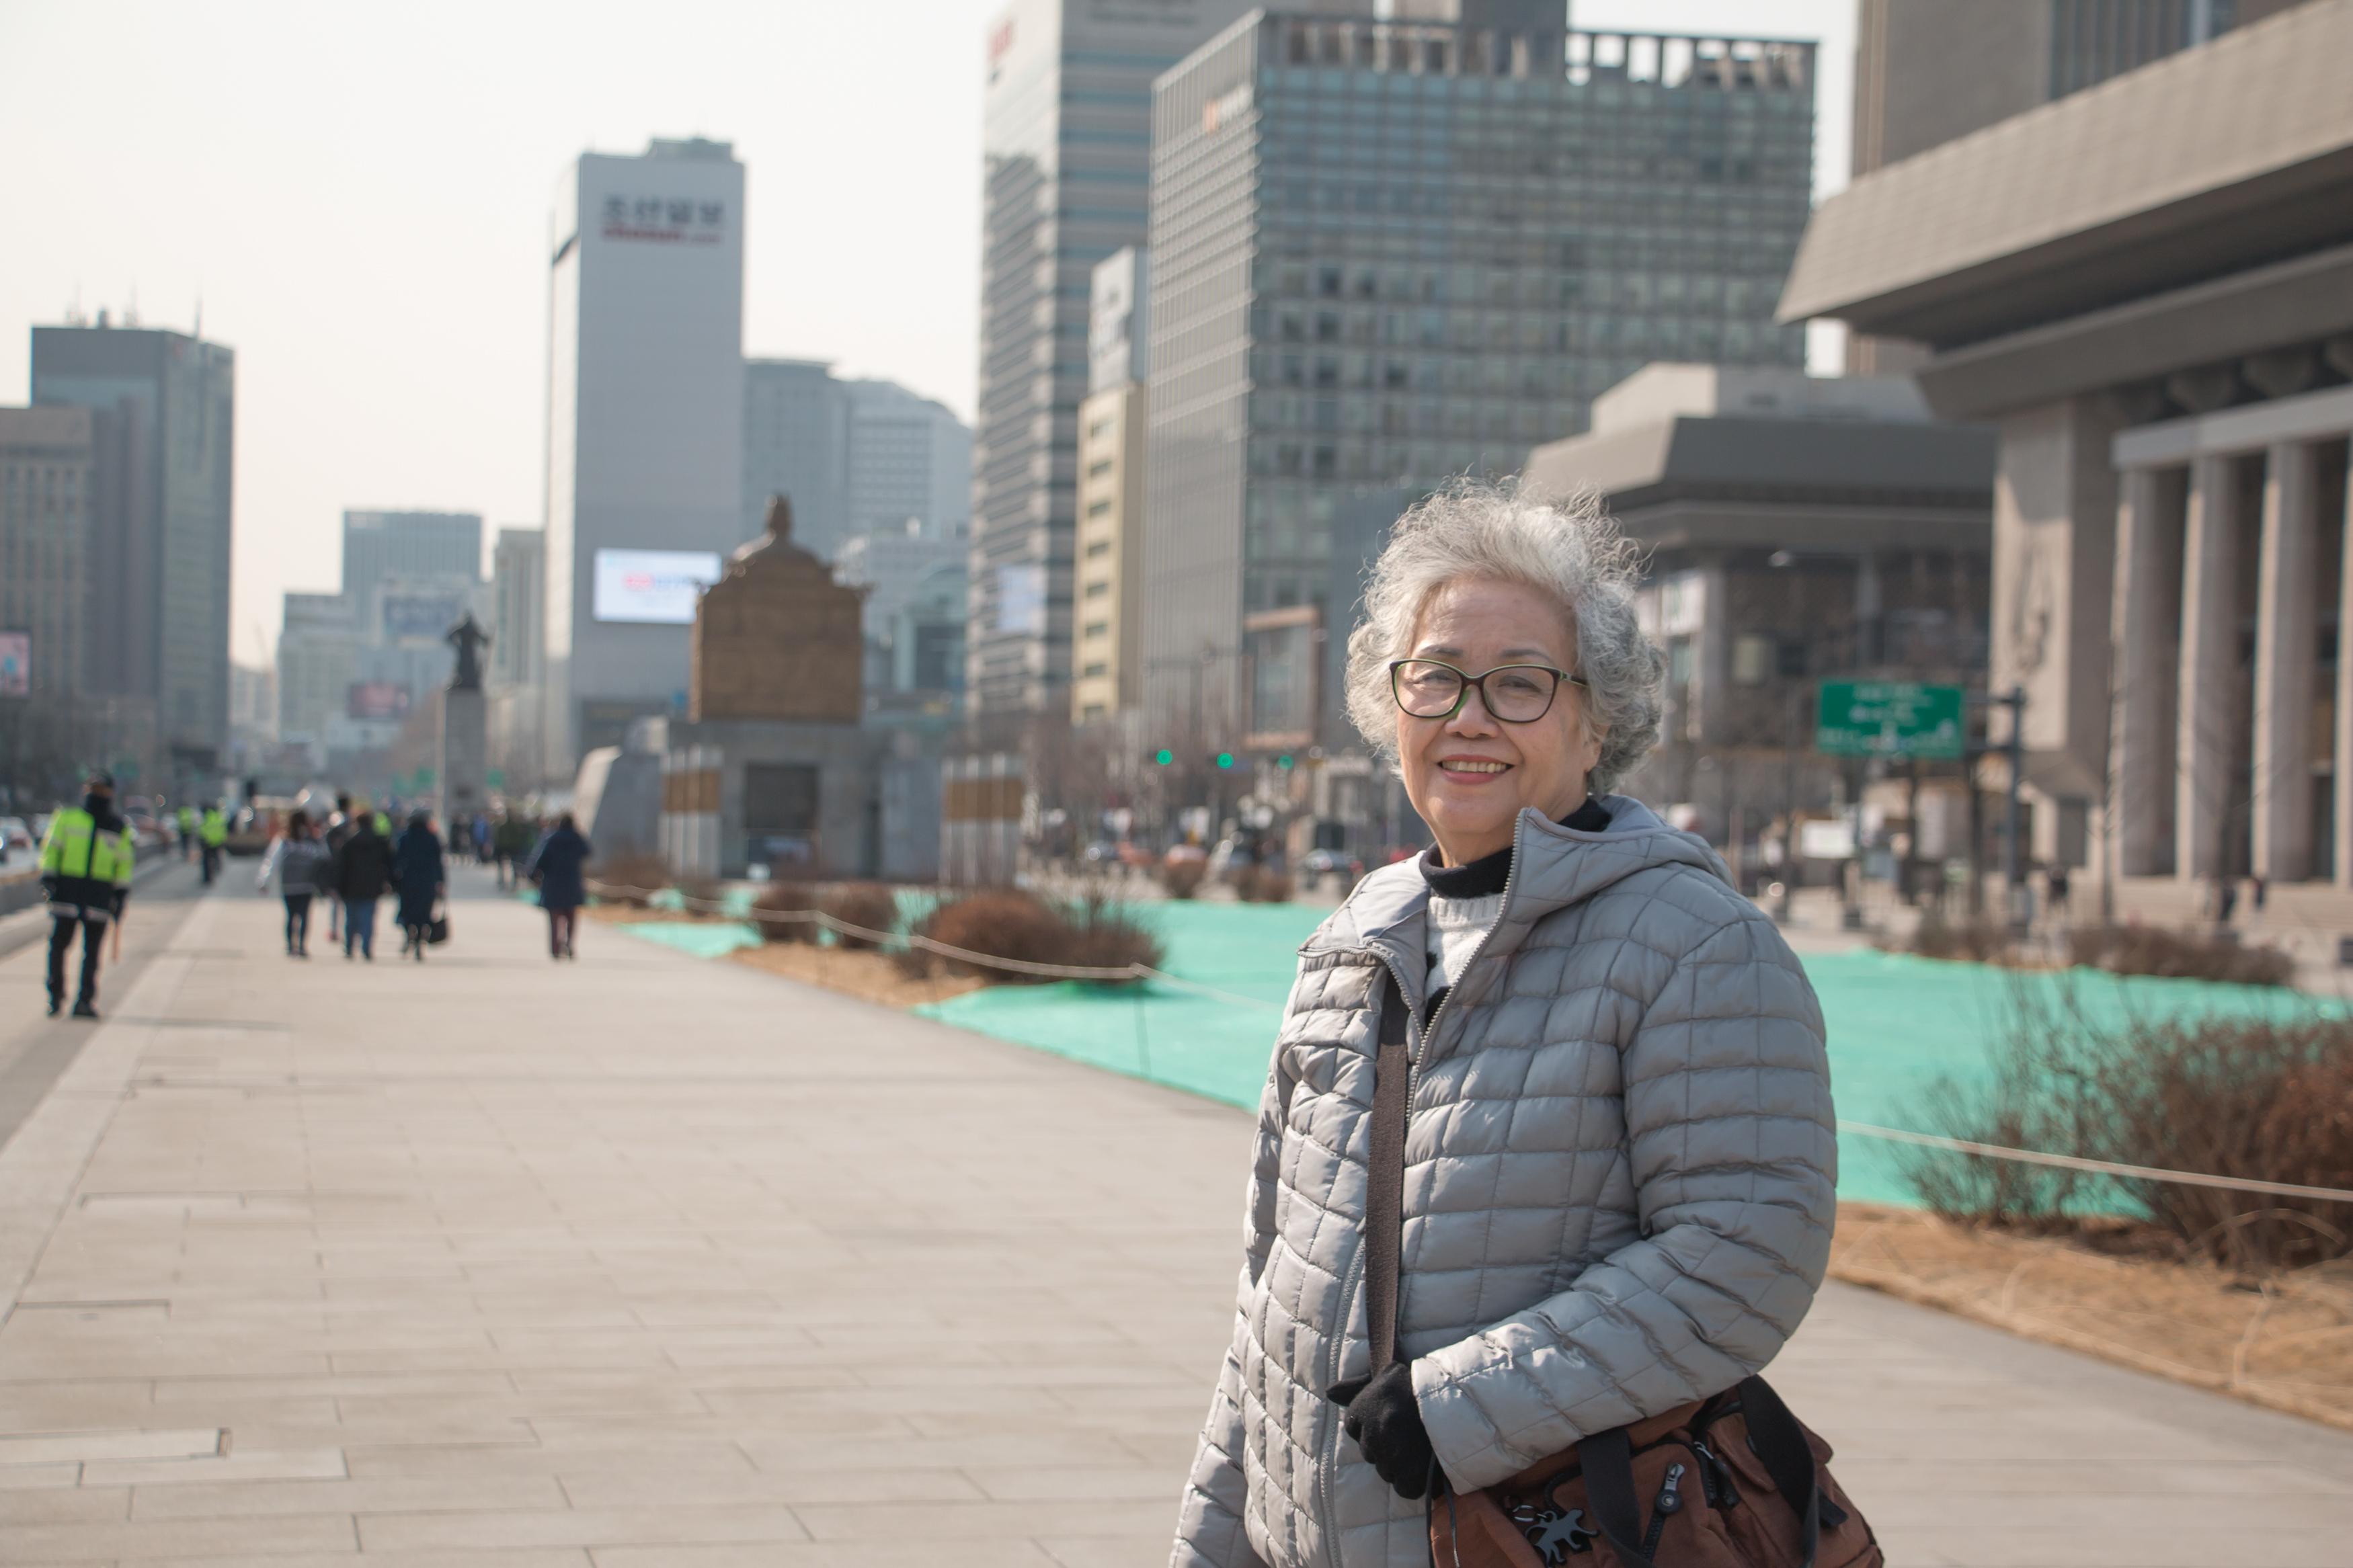 Kvinnor som föds år 2030 i Sydkorea förväntas bli de första som i genomsnitt blir 90 år gamla.